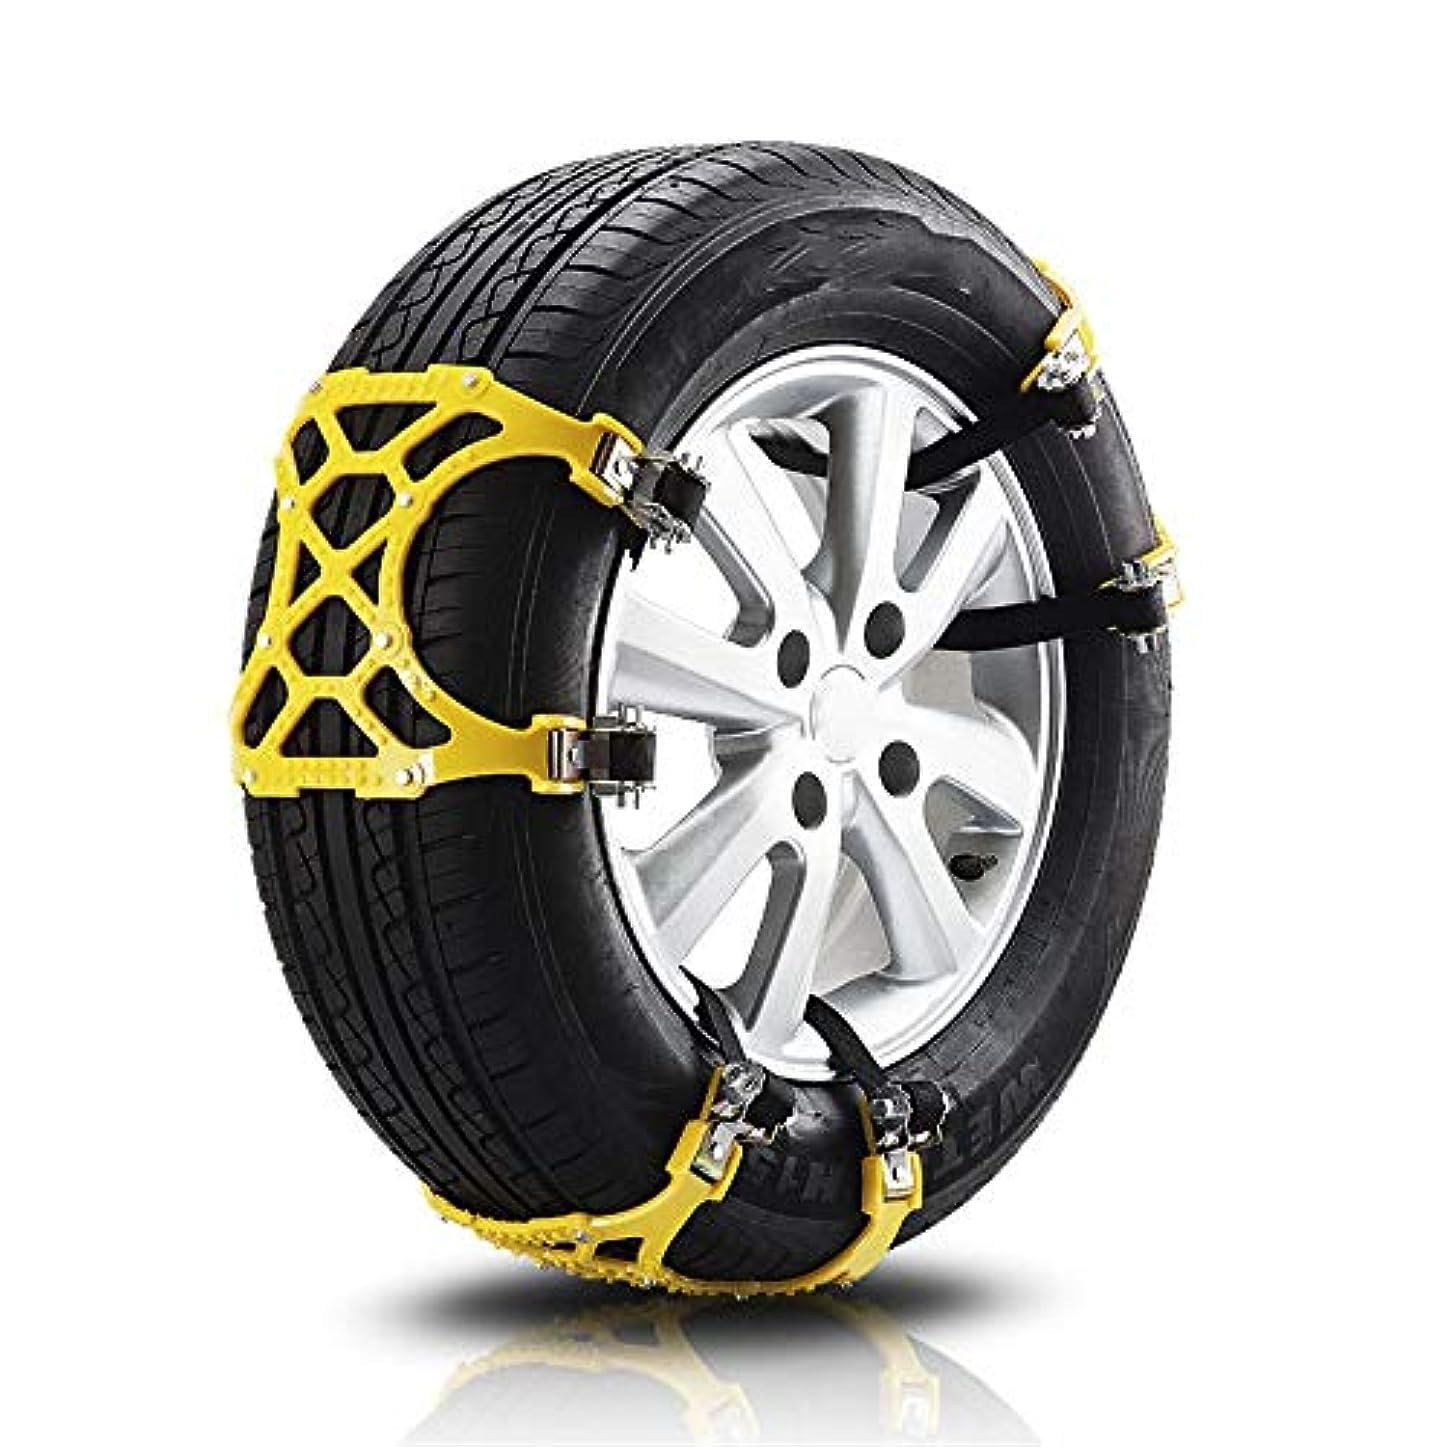 圧縮するメンタルさておきタイヤチェーン 自動車雪耐性ユニバーサルビーフ腱ポリウレタンタイヤスノーチェーン 滑り止め 取付簡単 (Color : Yellow, Size : M)